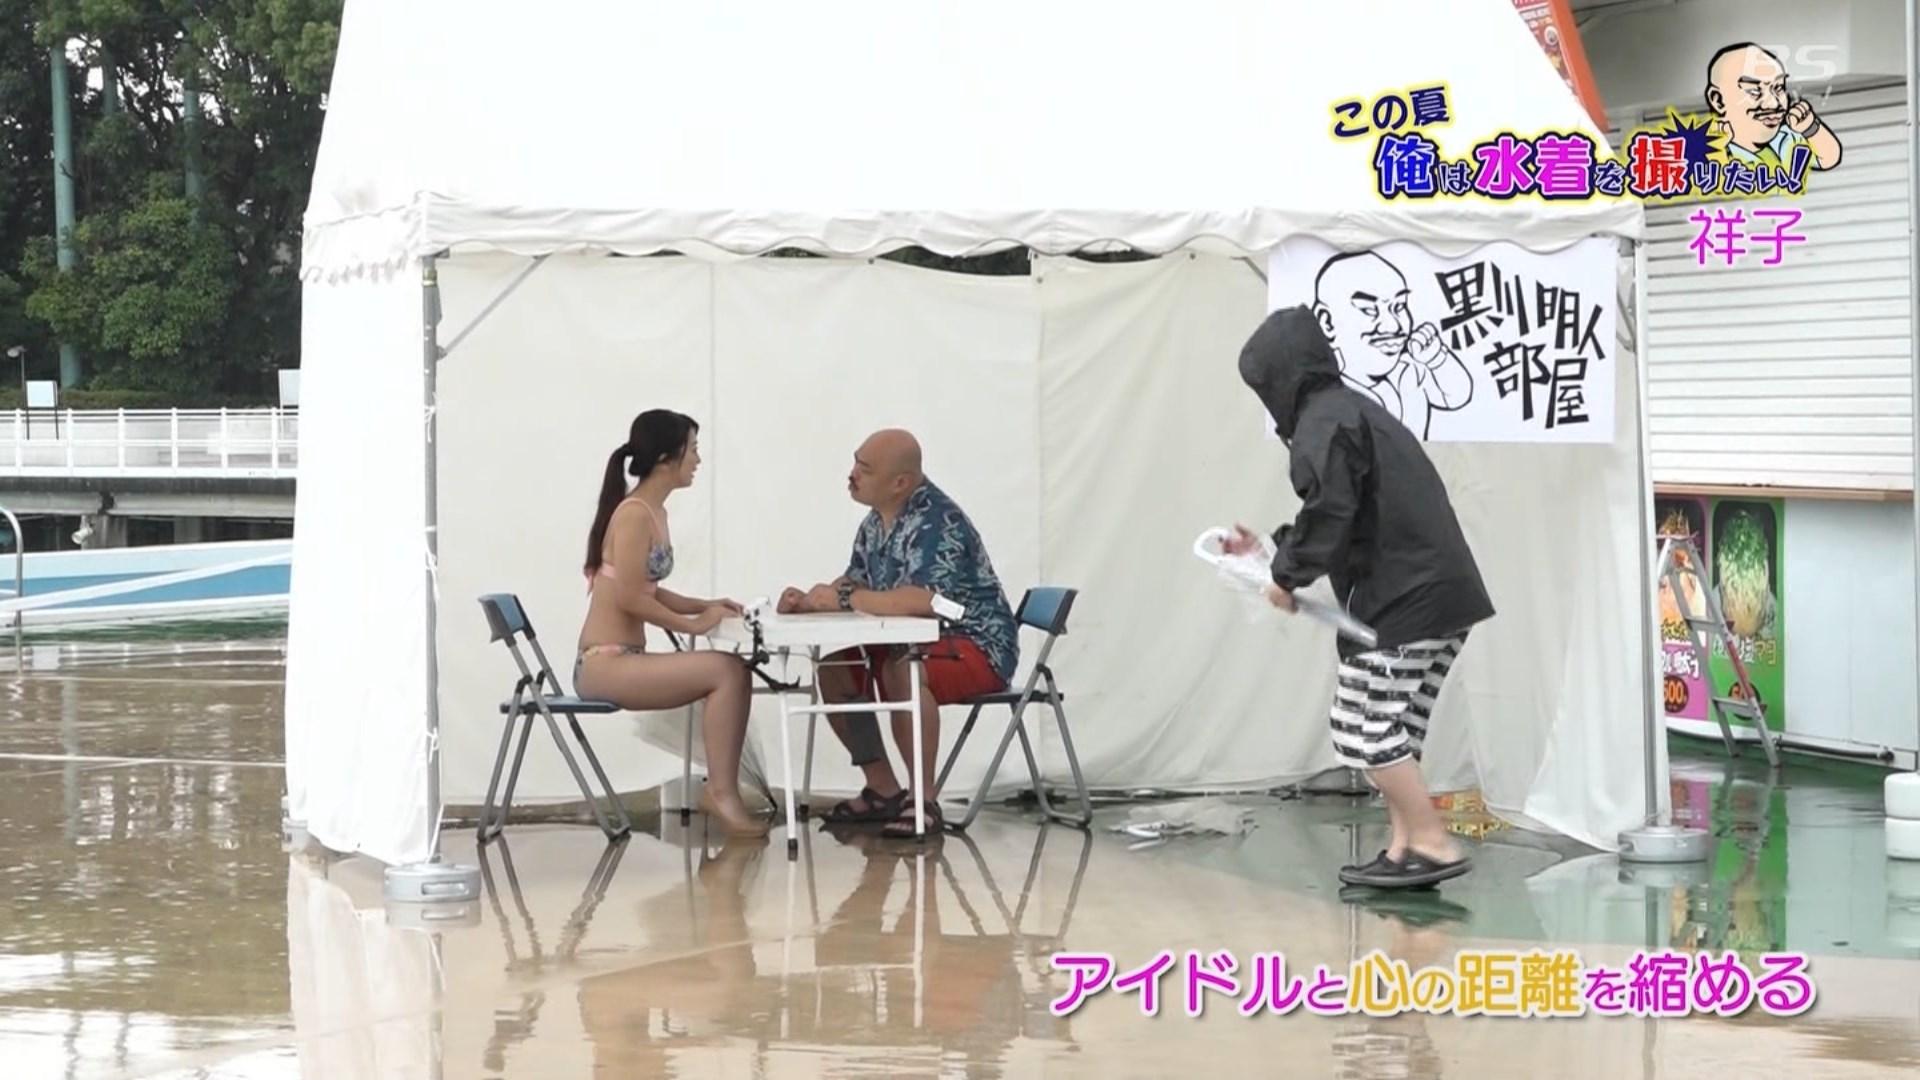 「女神降臨 in ビジュアルクイーン撮影会2019」に出演した祥子さんのテレビキャプチャー画像-021